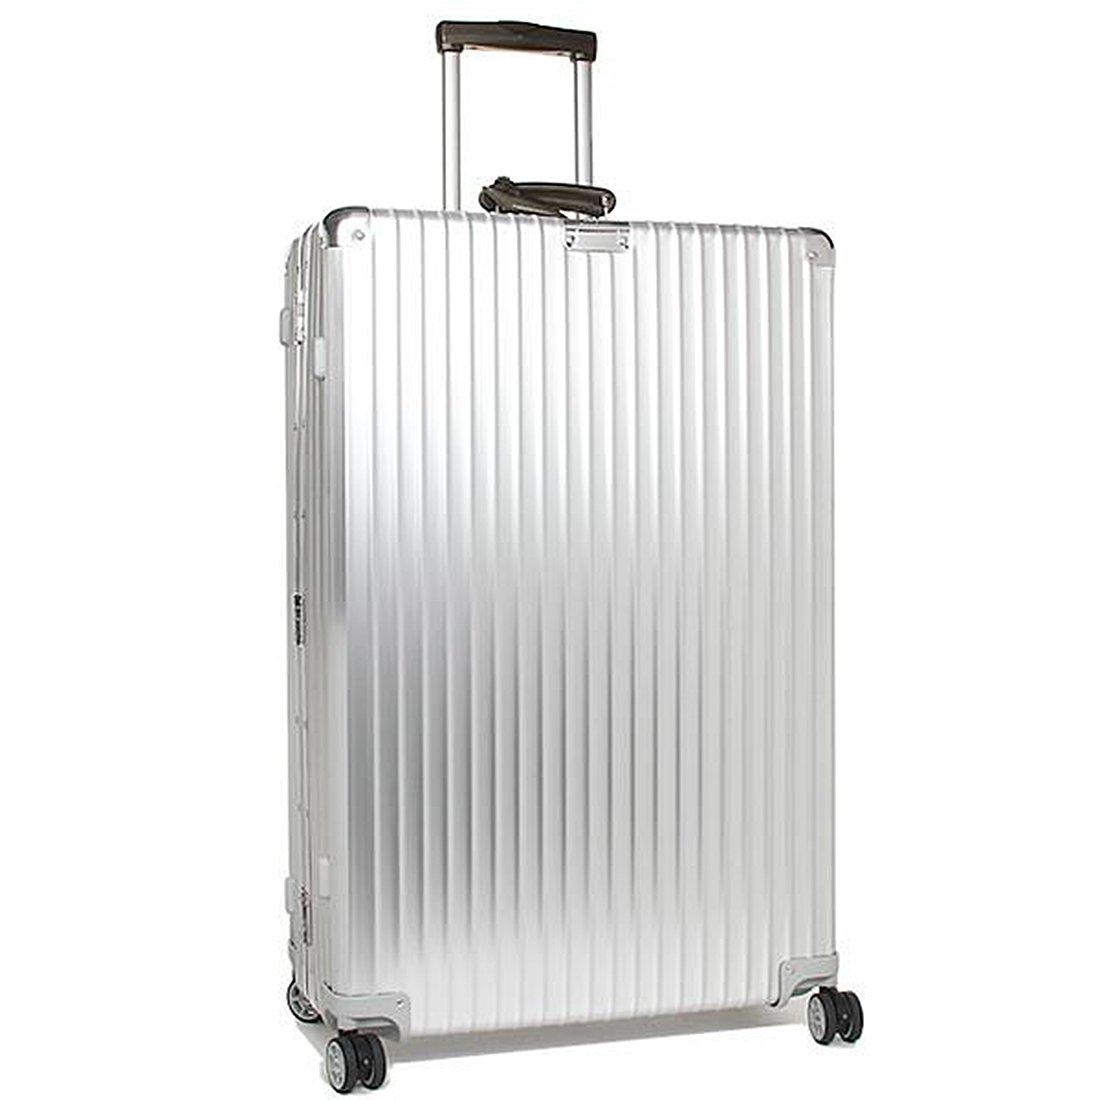 リモワ スーツケース レディース/メンズ RIMOWA 971.77.00.4 CLASSIC FLIGHT クラシックフライト 84.5CM 104L 4輪 TSAロック付き キャリーケース SILVER [並行輸入品] B01BL565RO